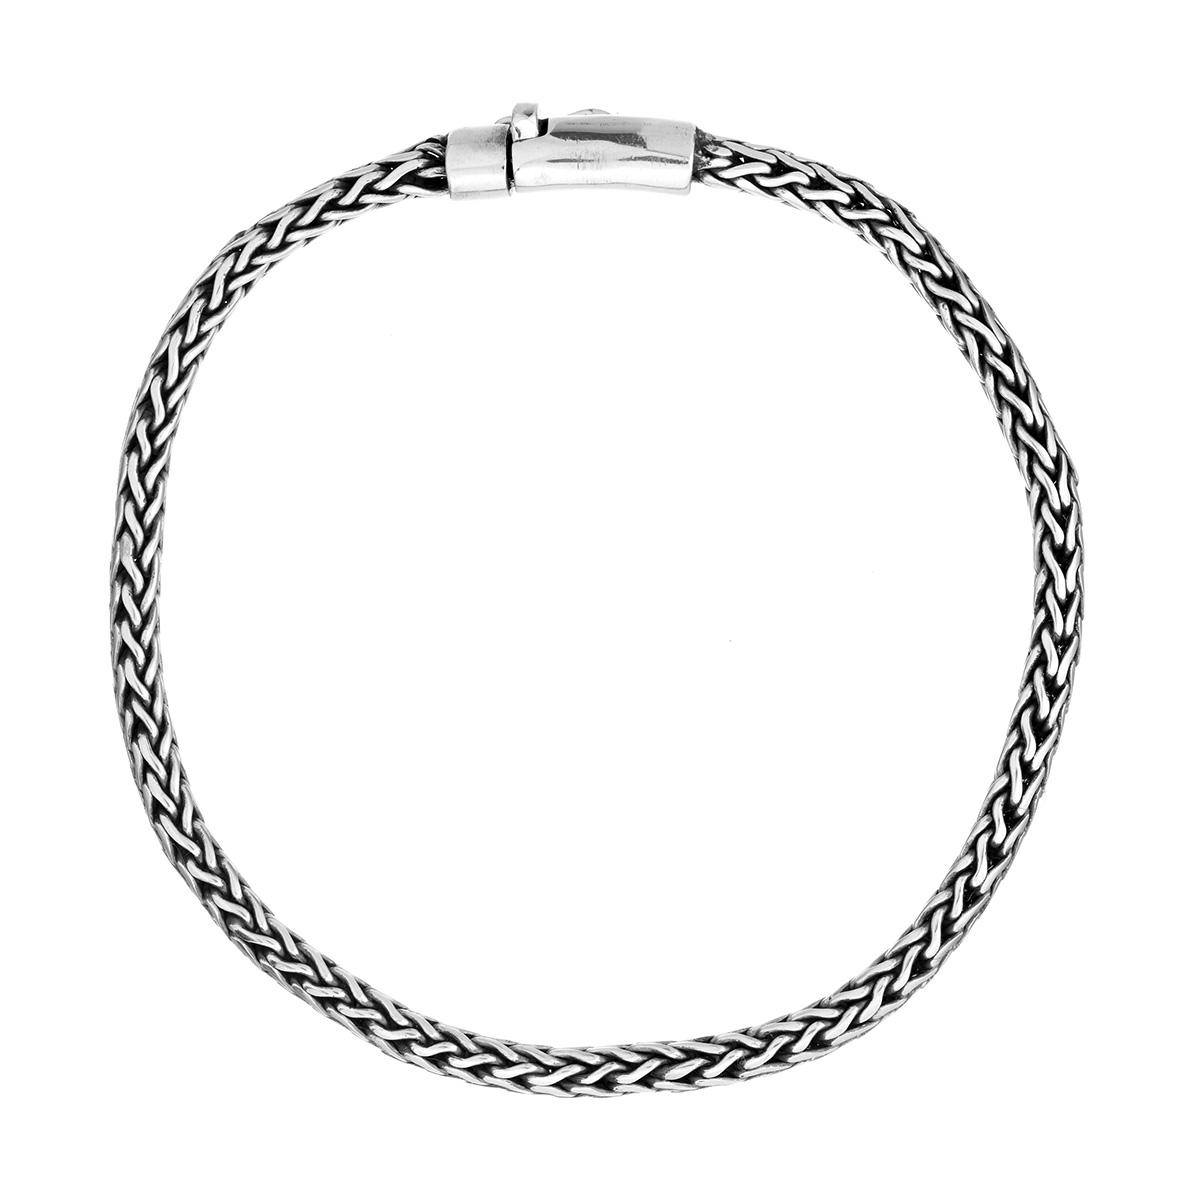 Bratan Silver Bracelet